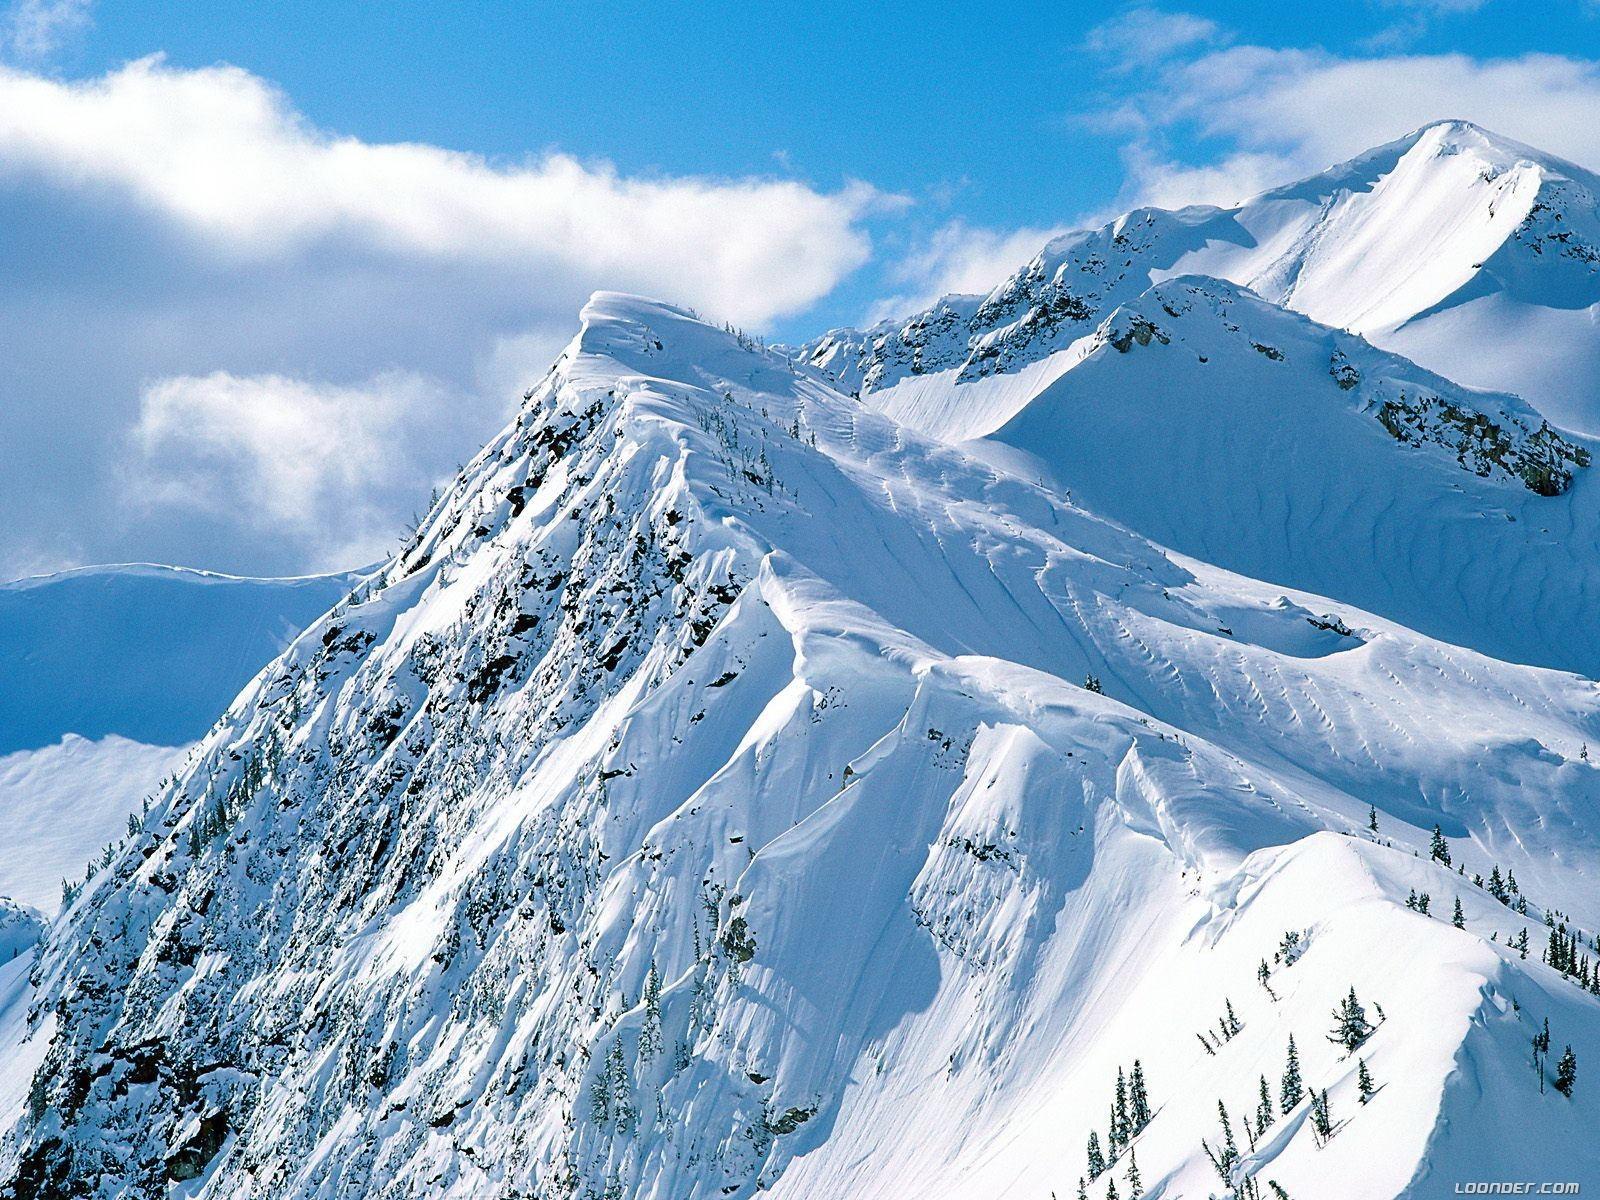 Sfondi Montagne La Neve Inverno Ricorrere Alpi Vertice